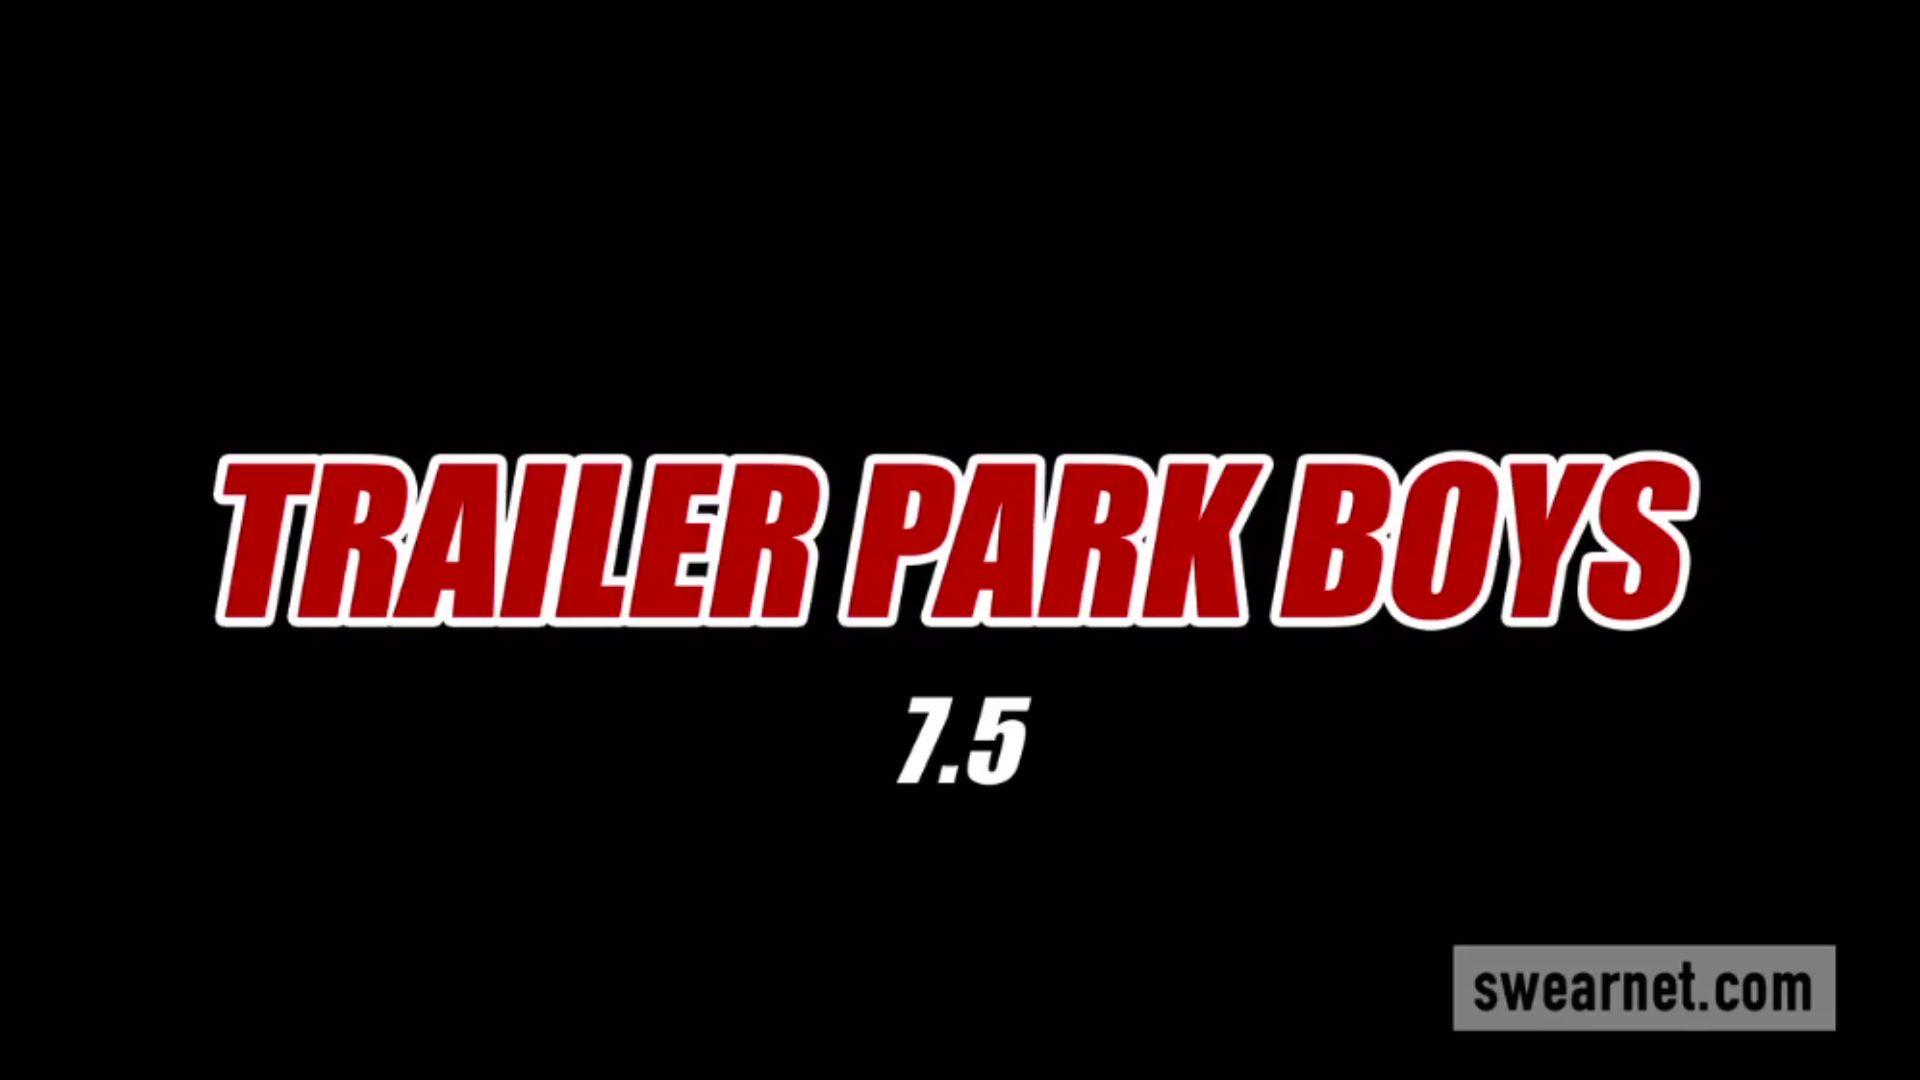 Trailer Park Boys Trailer Park Boys 7 5 Swearnet